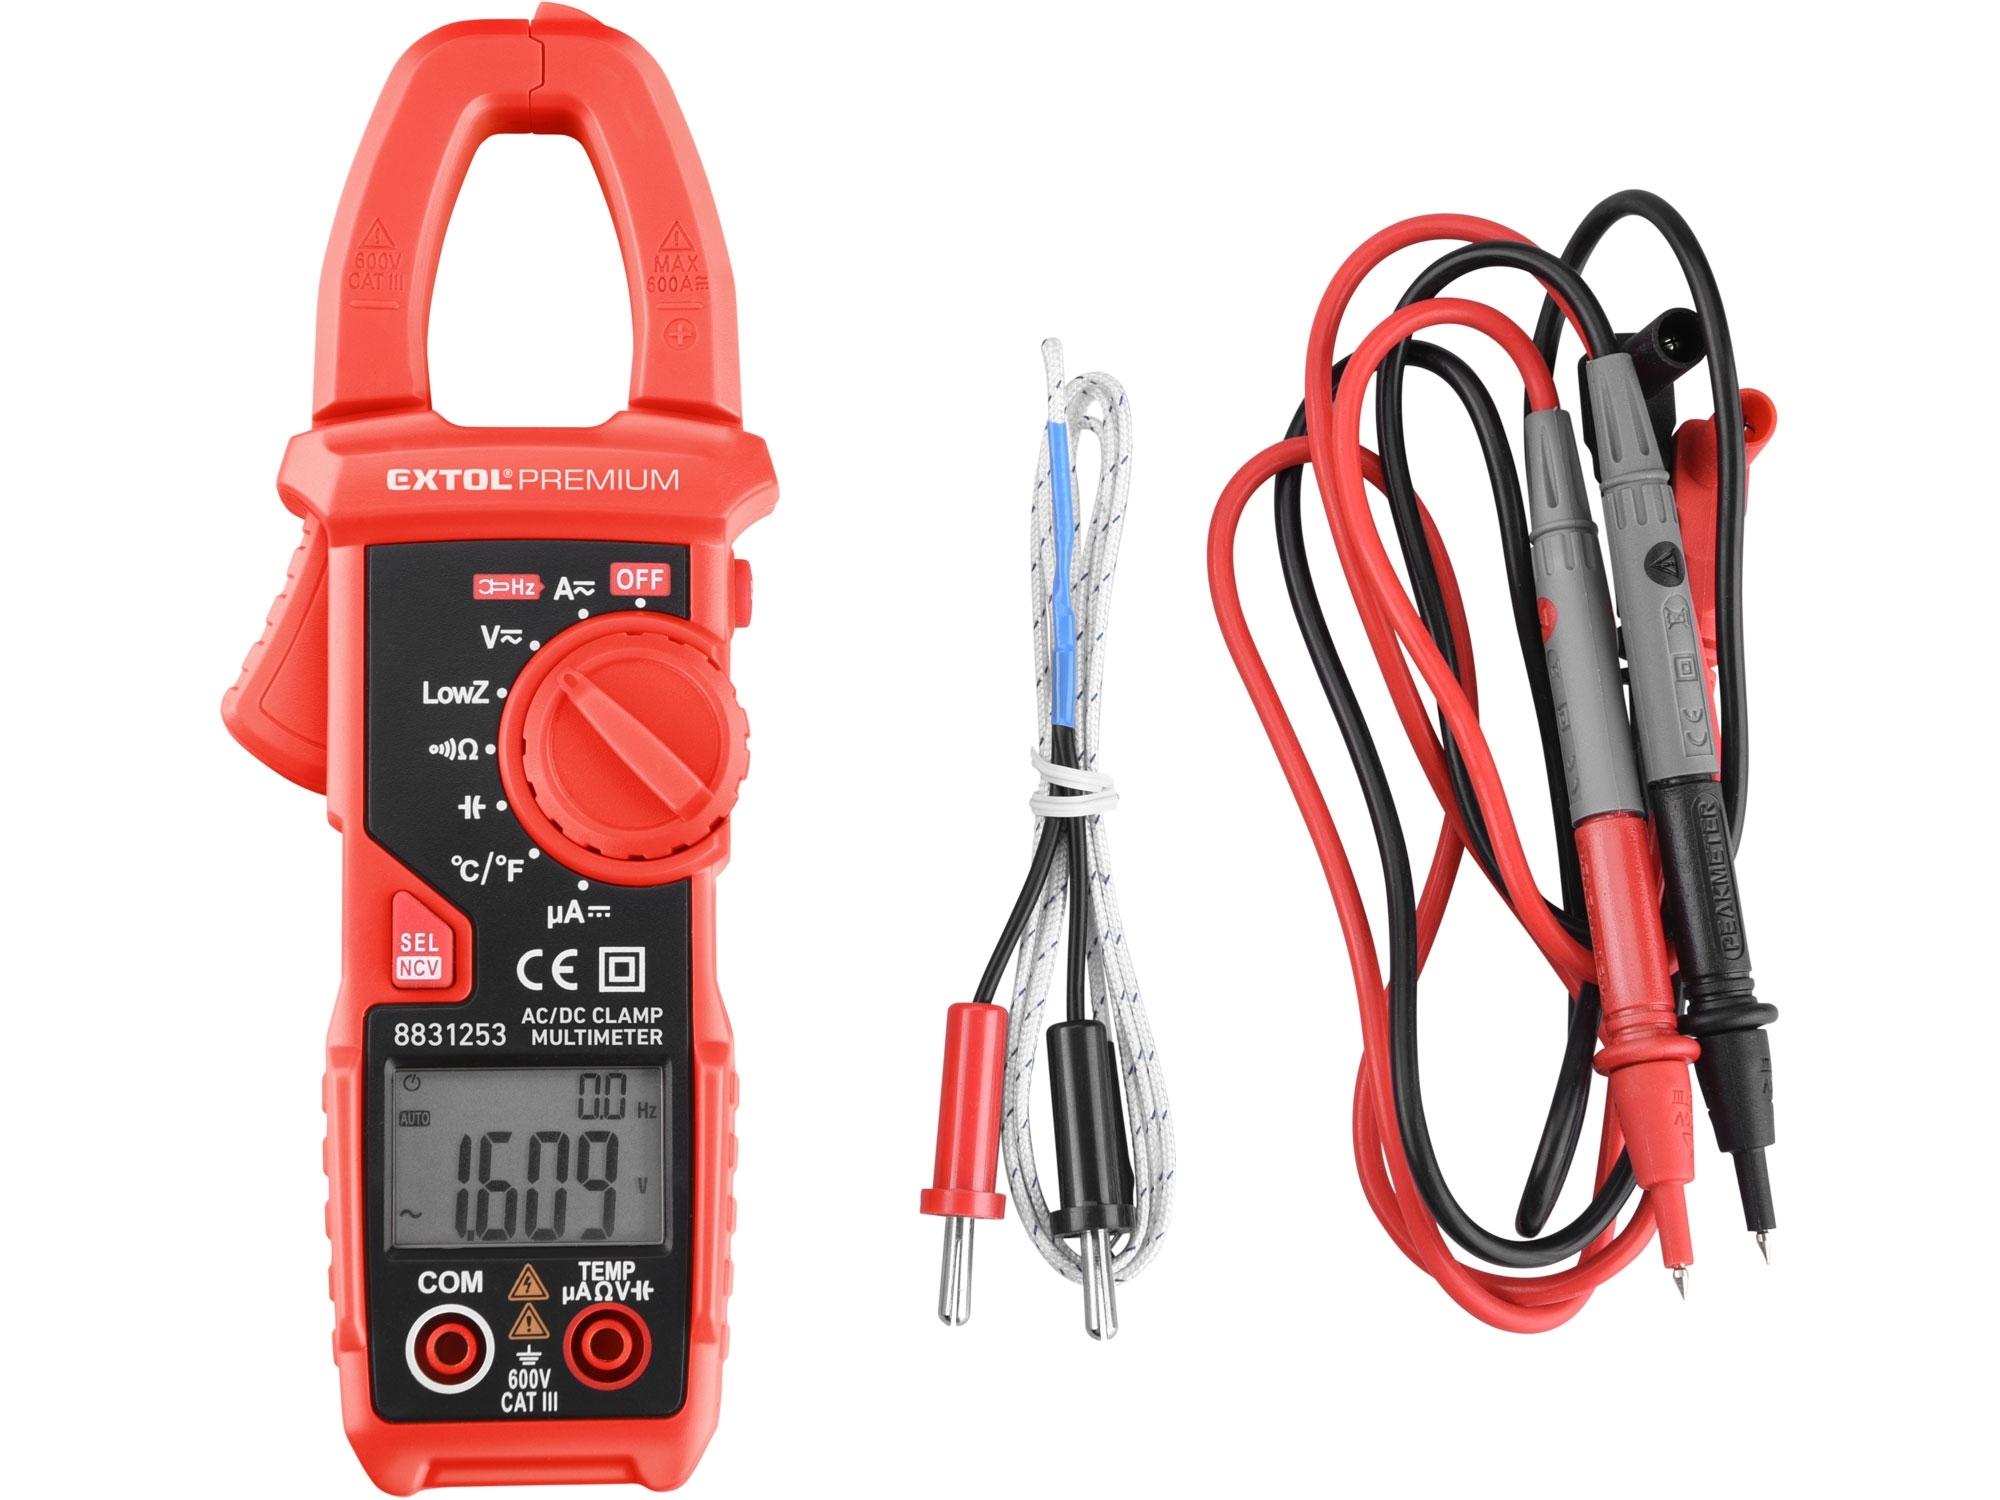 multimetr digitální, klešťový, AC/DC proud a napětí, True RMS, LowZ, automatická volba rozsahů